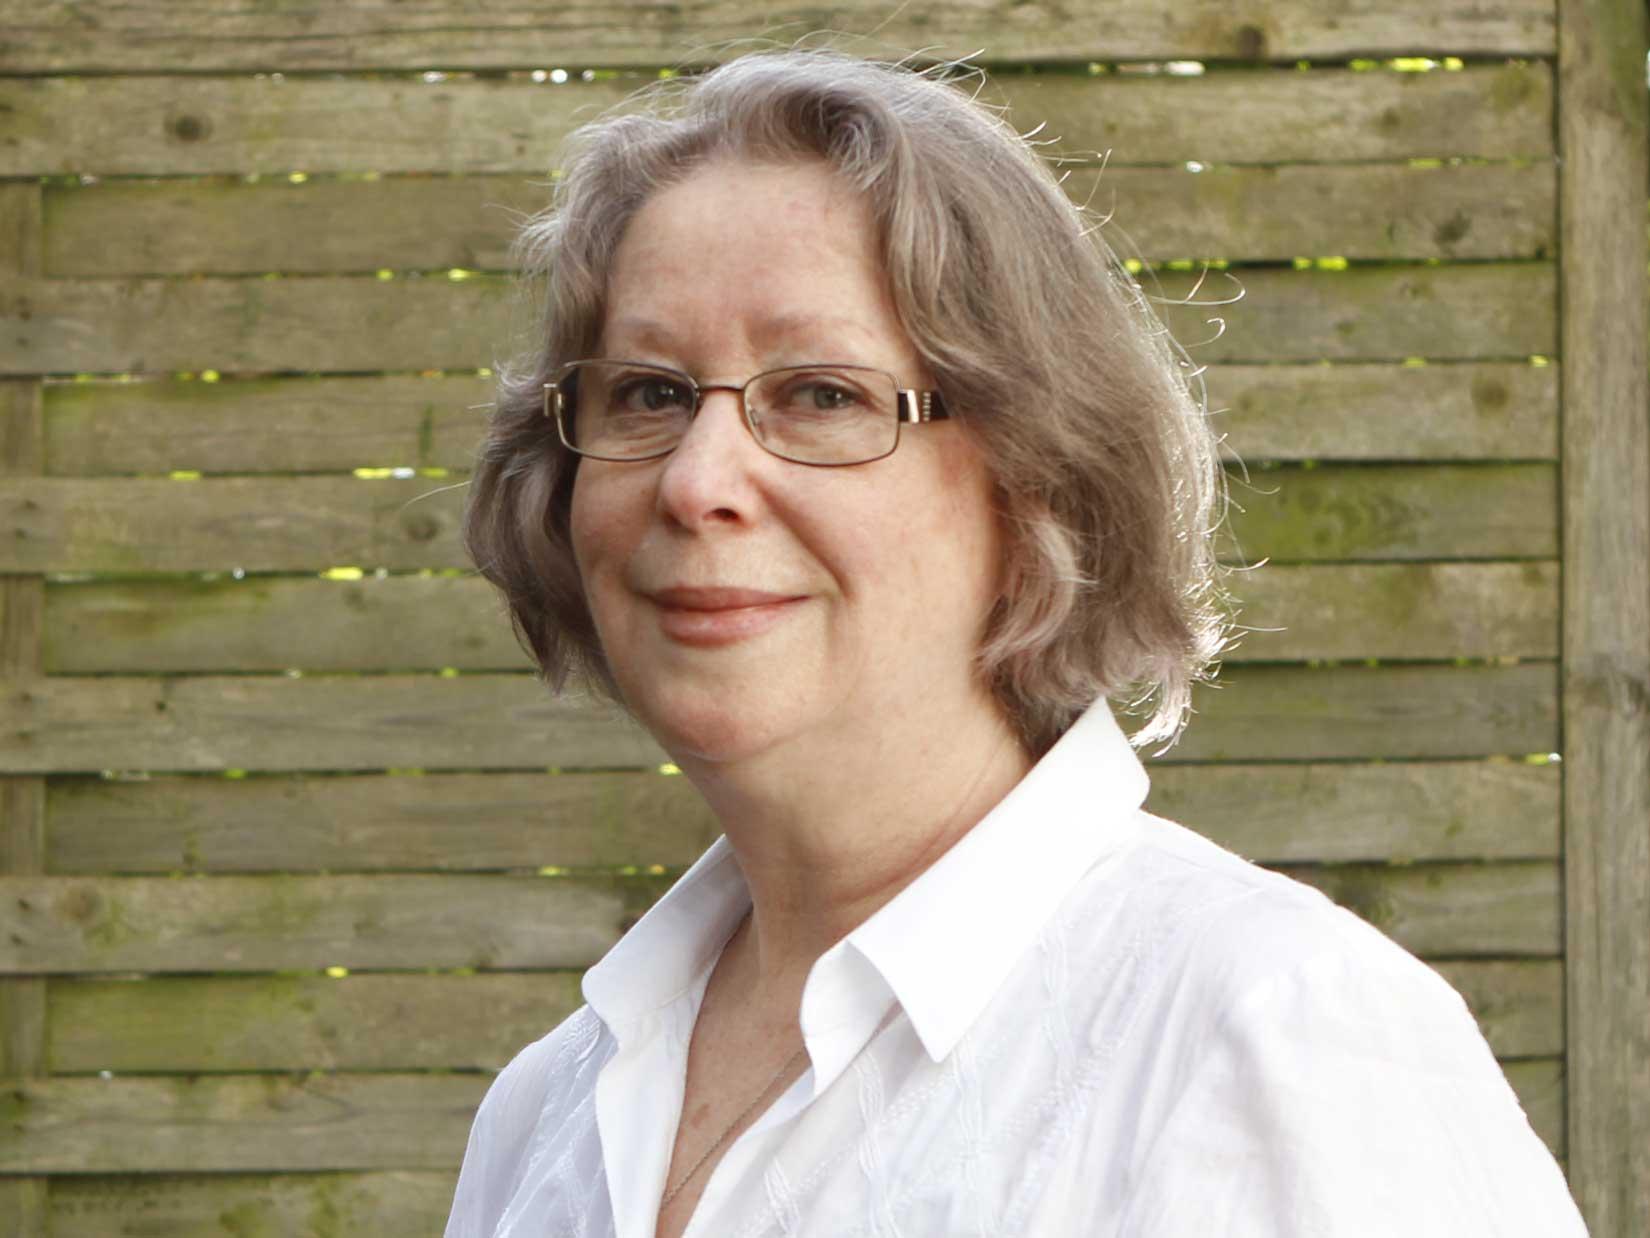 Dina Markowa